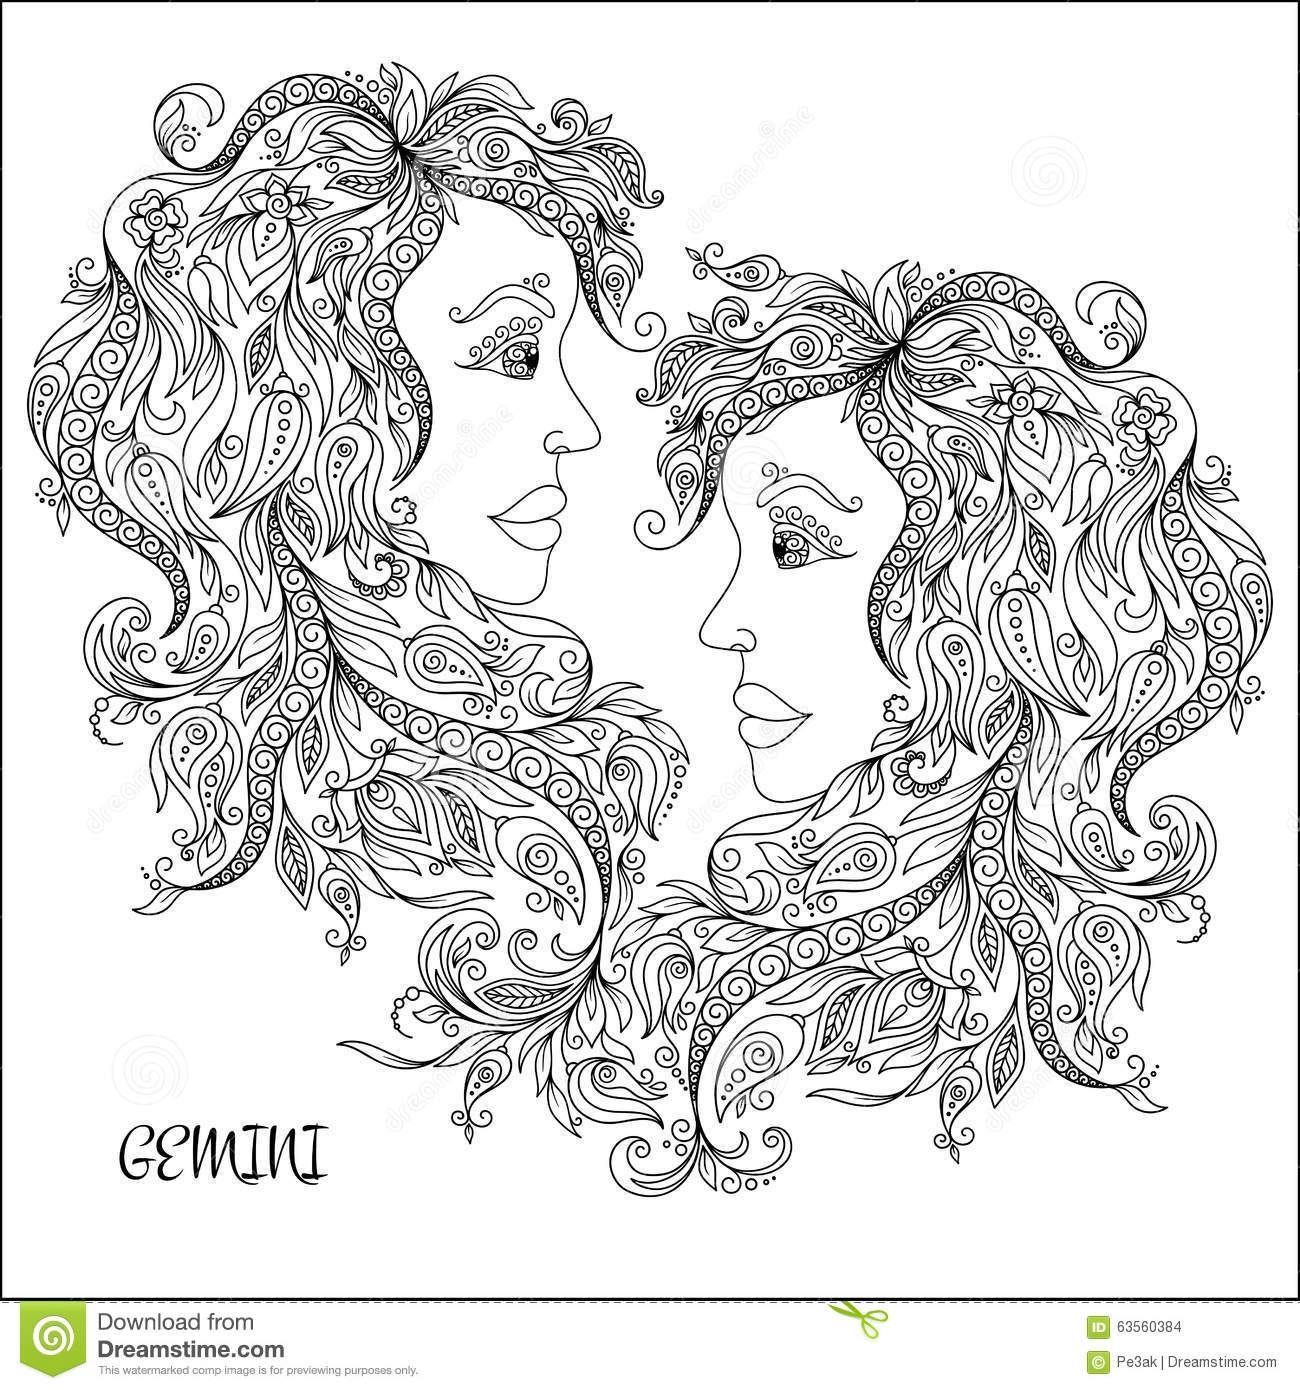 Gemini (Astrology) coloring #20, Download drawings